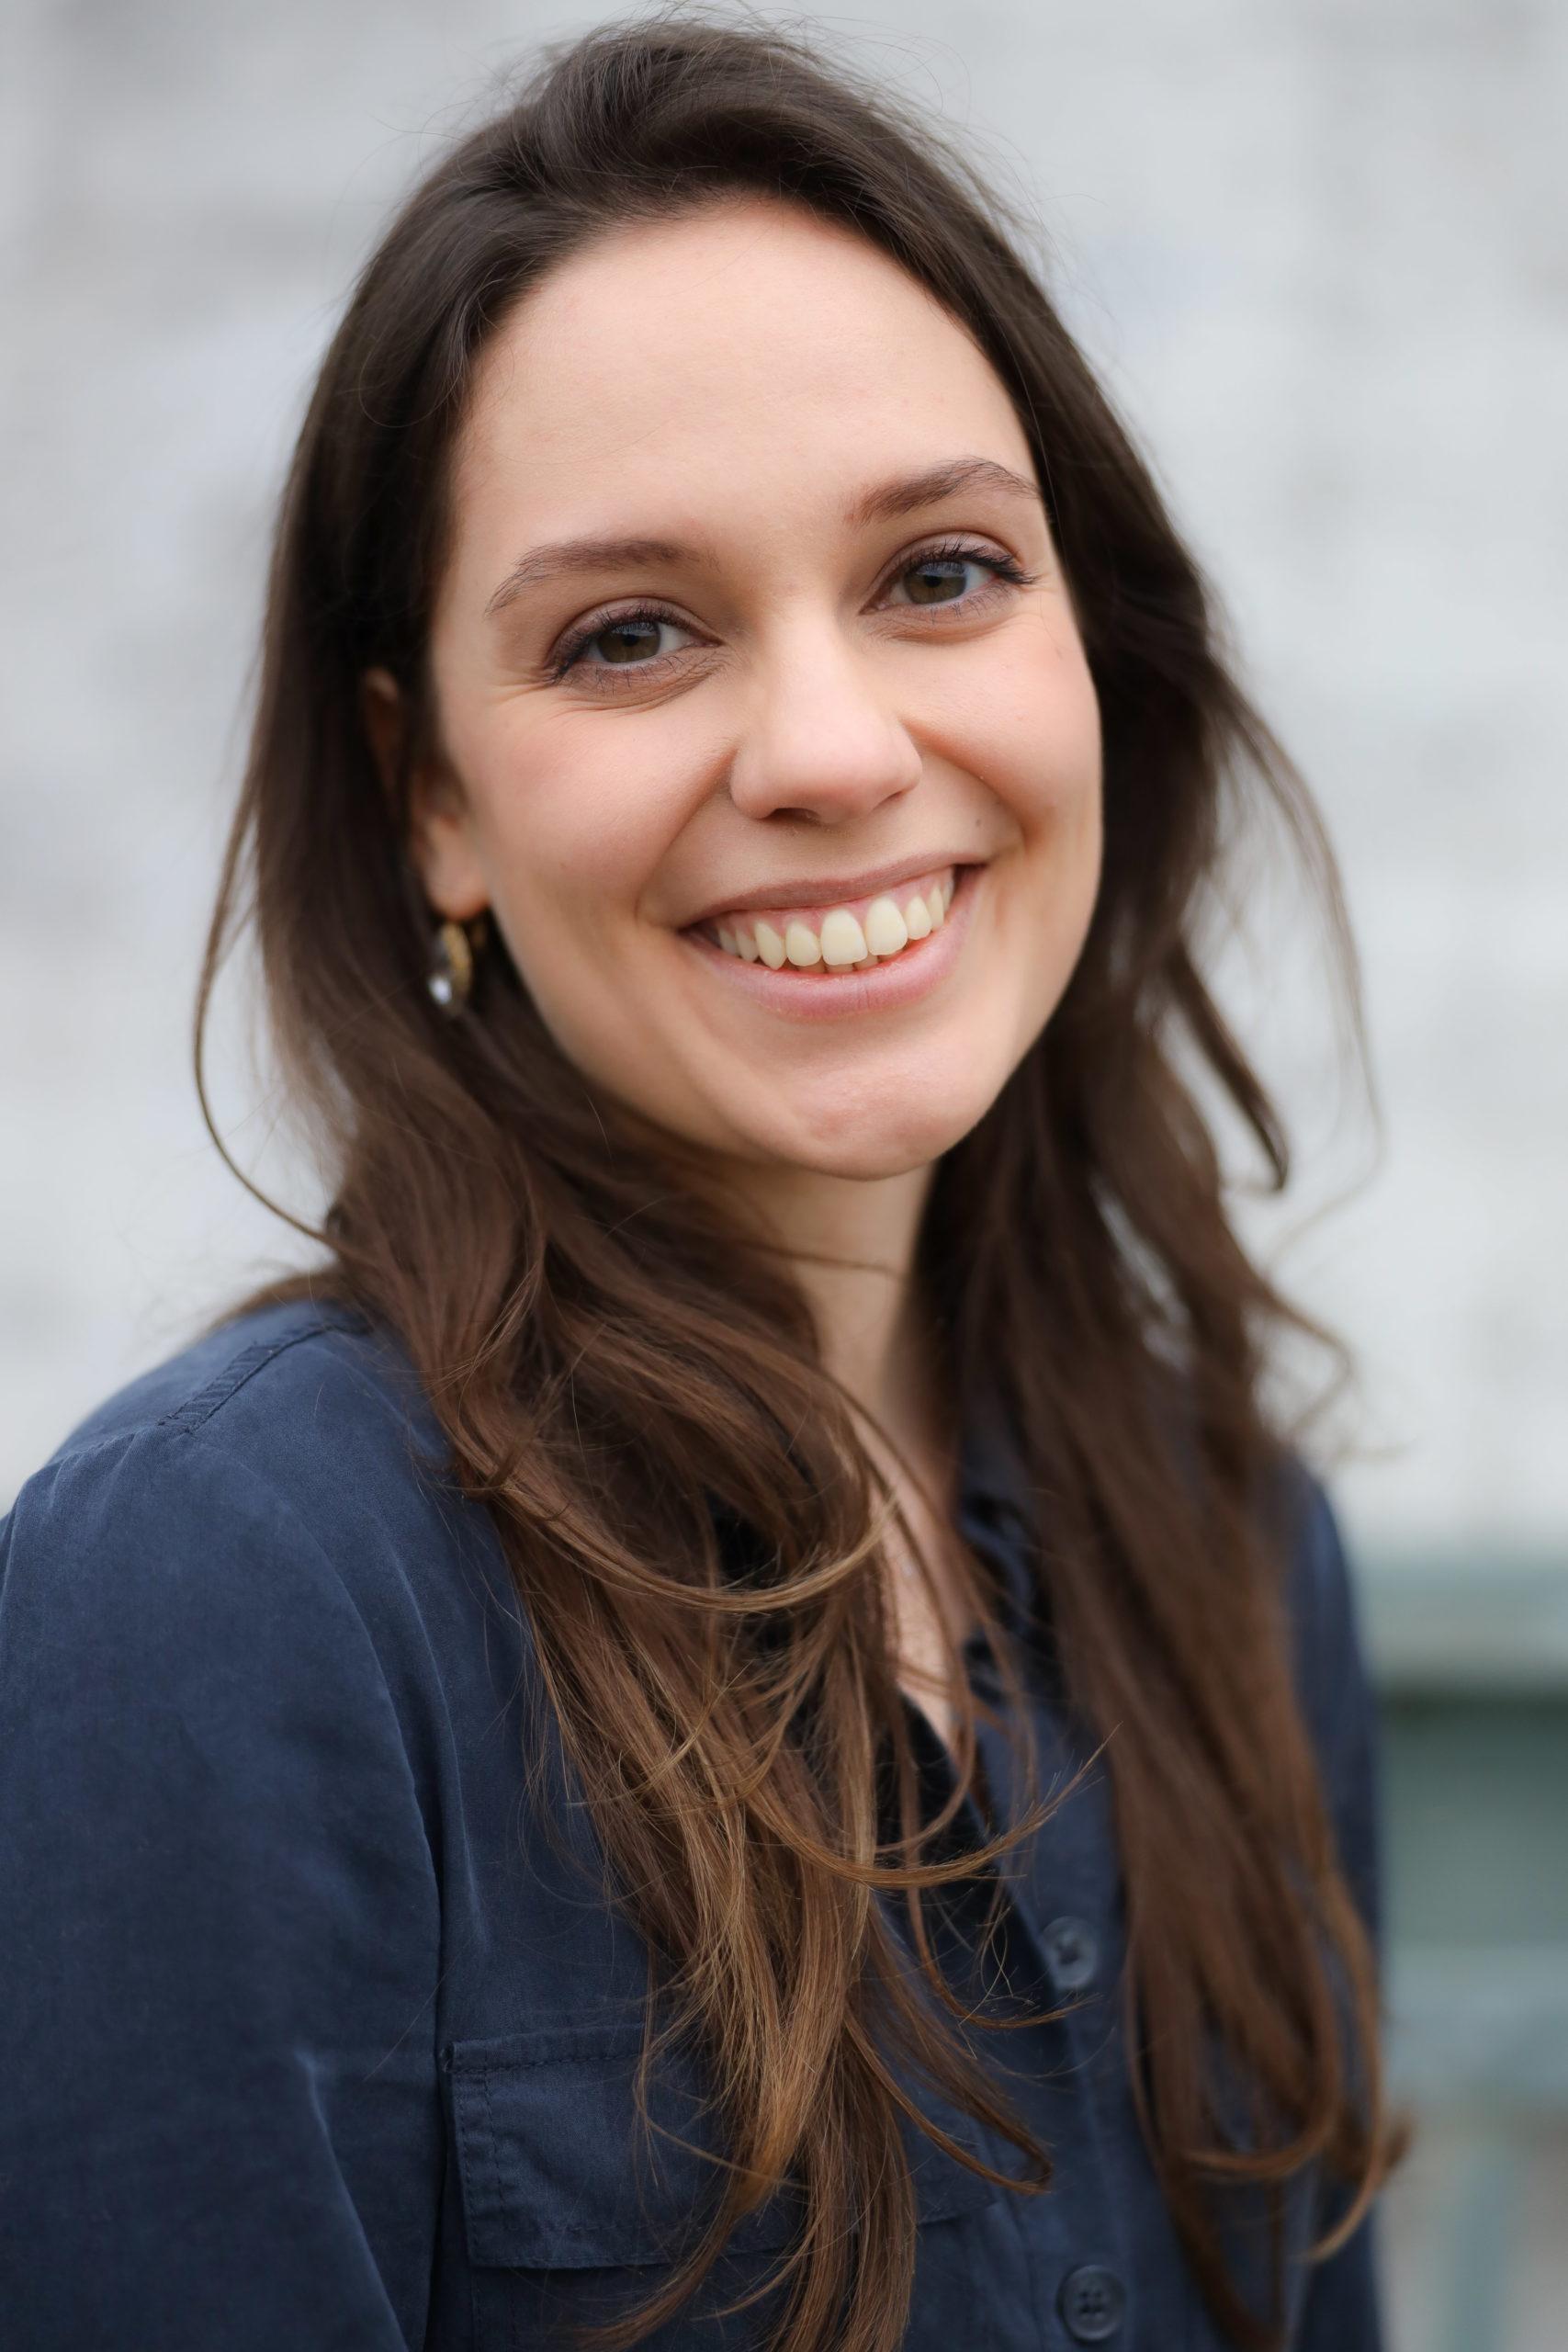 Julia Duscher